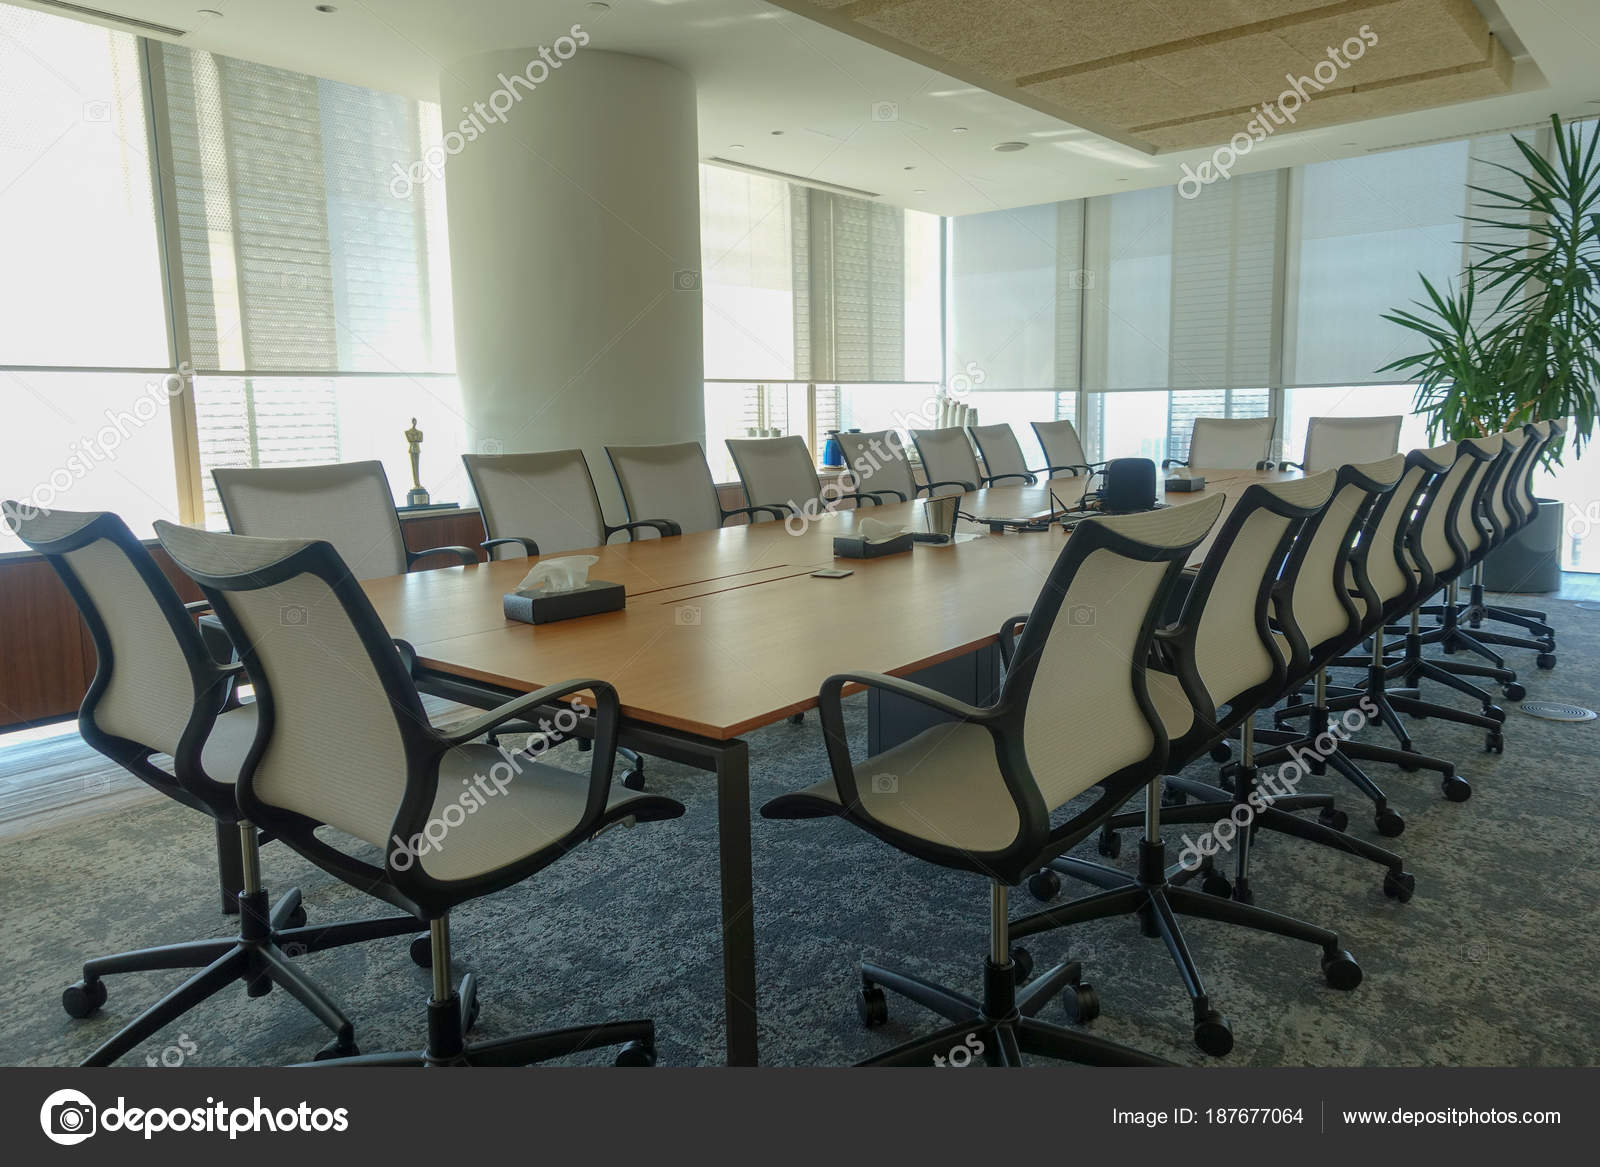 Kantoor decoratie kantoor meubels u stockfoto omeryontar